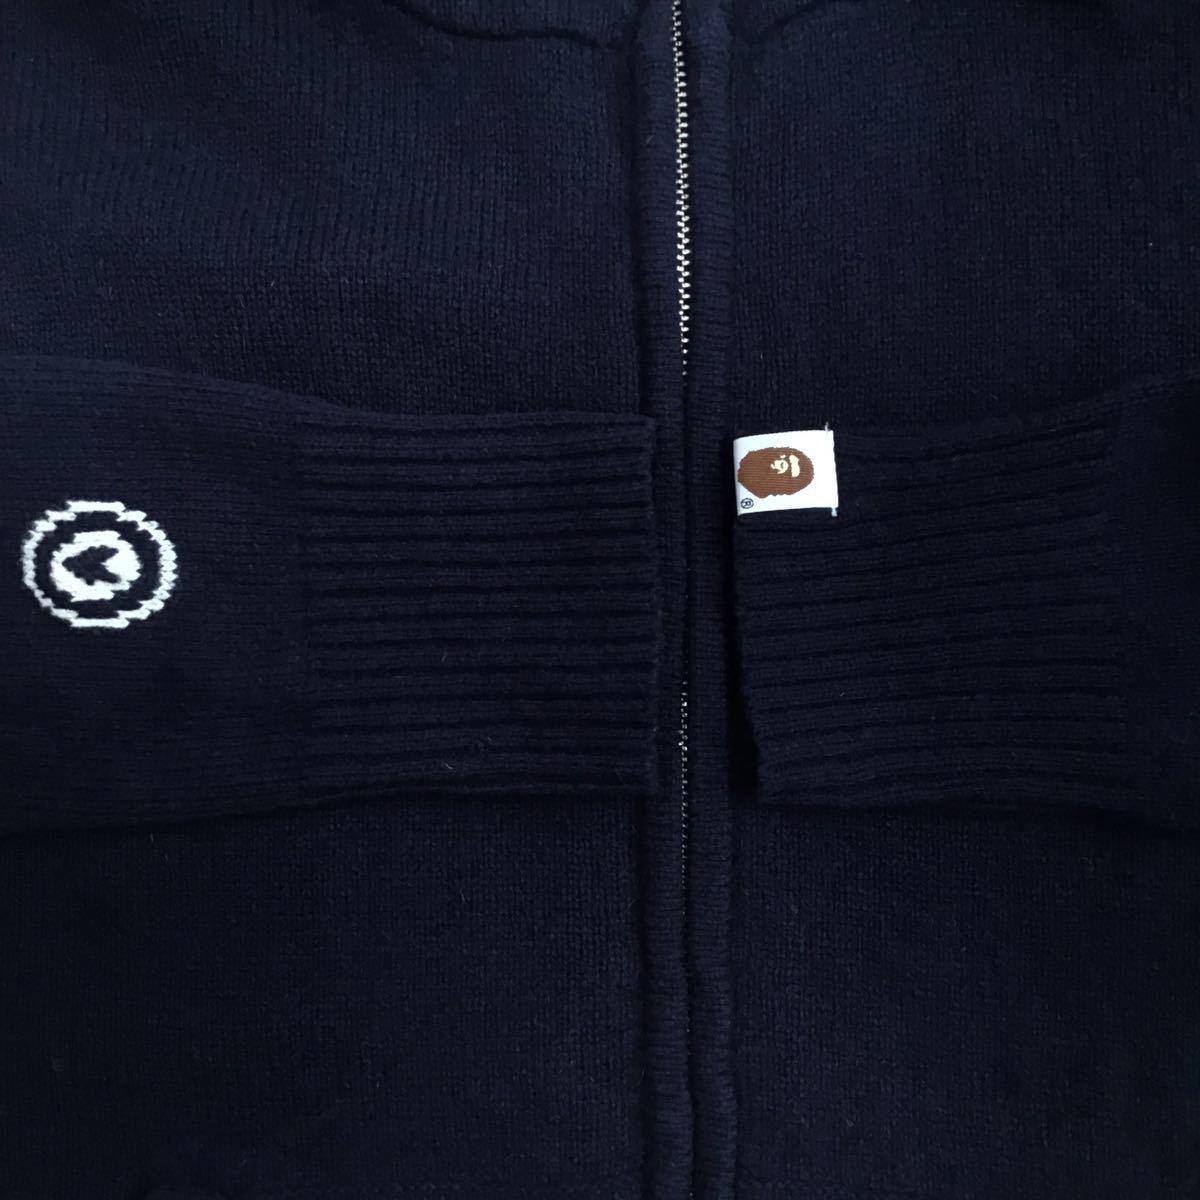 ★レア★ ニット シャーク パーカー Sサイズ knit shark full zip hoodie a bathing ape bape エイプ ベイプ アベイシングエイプ navy 2532